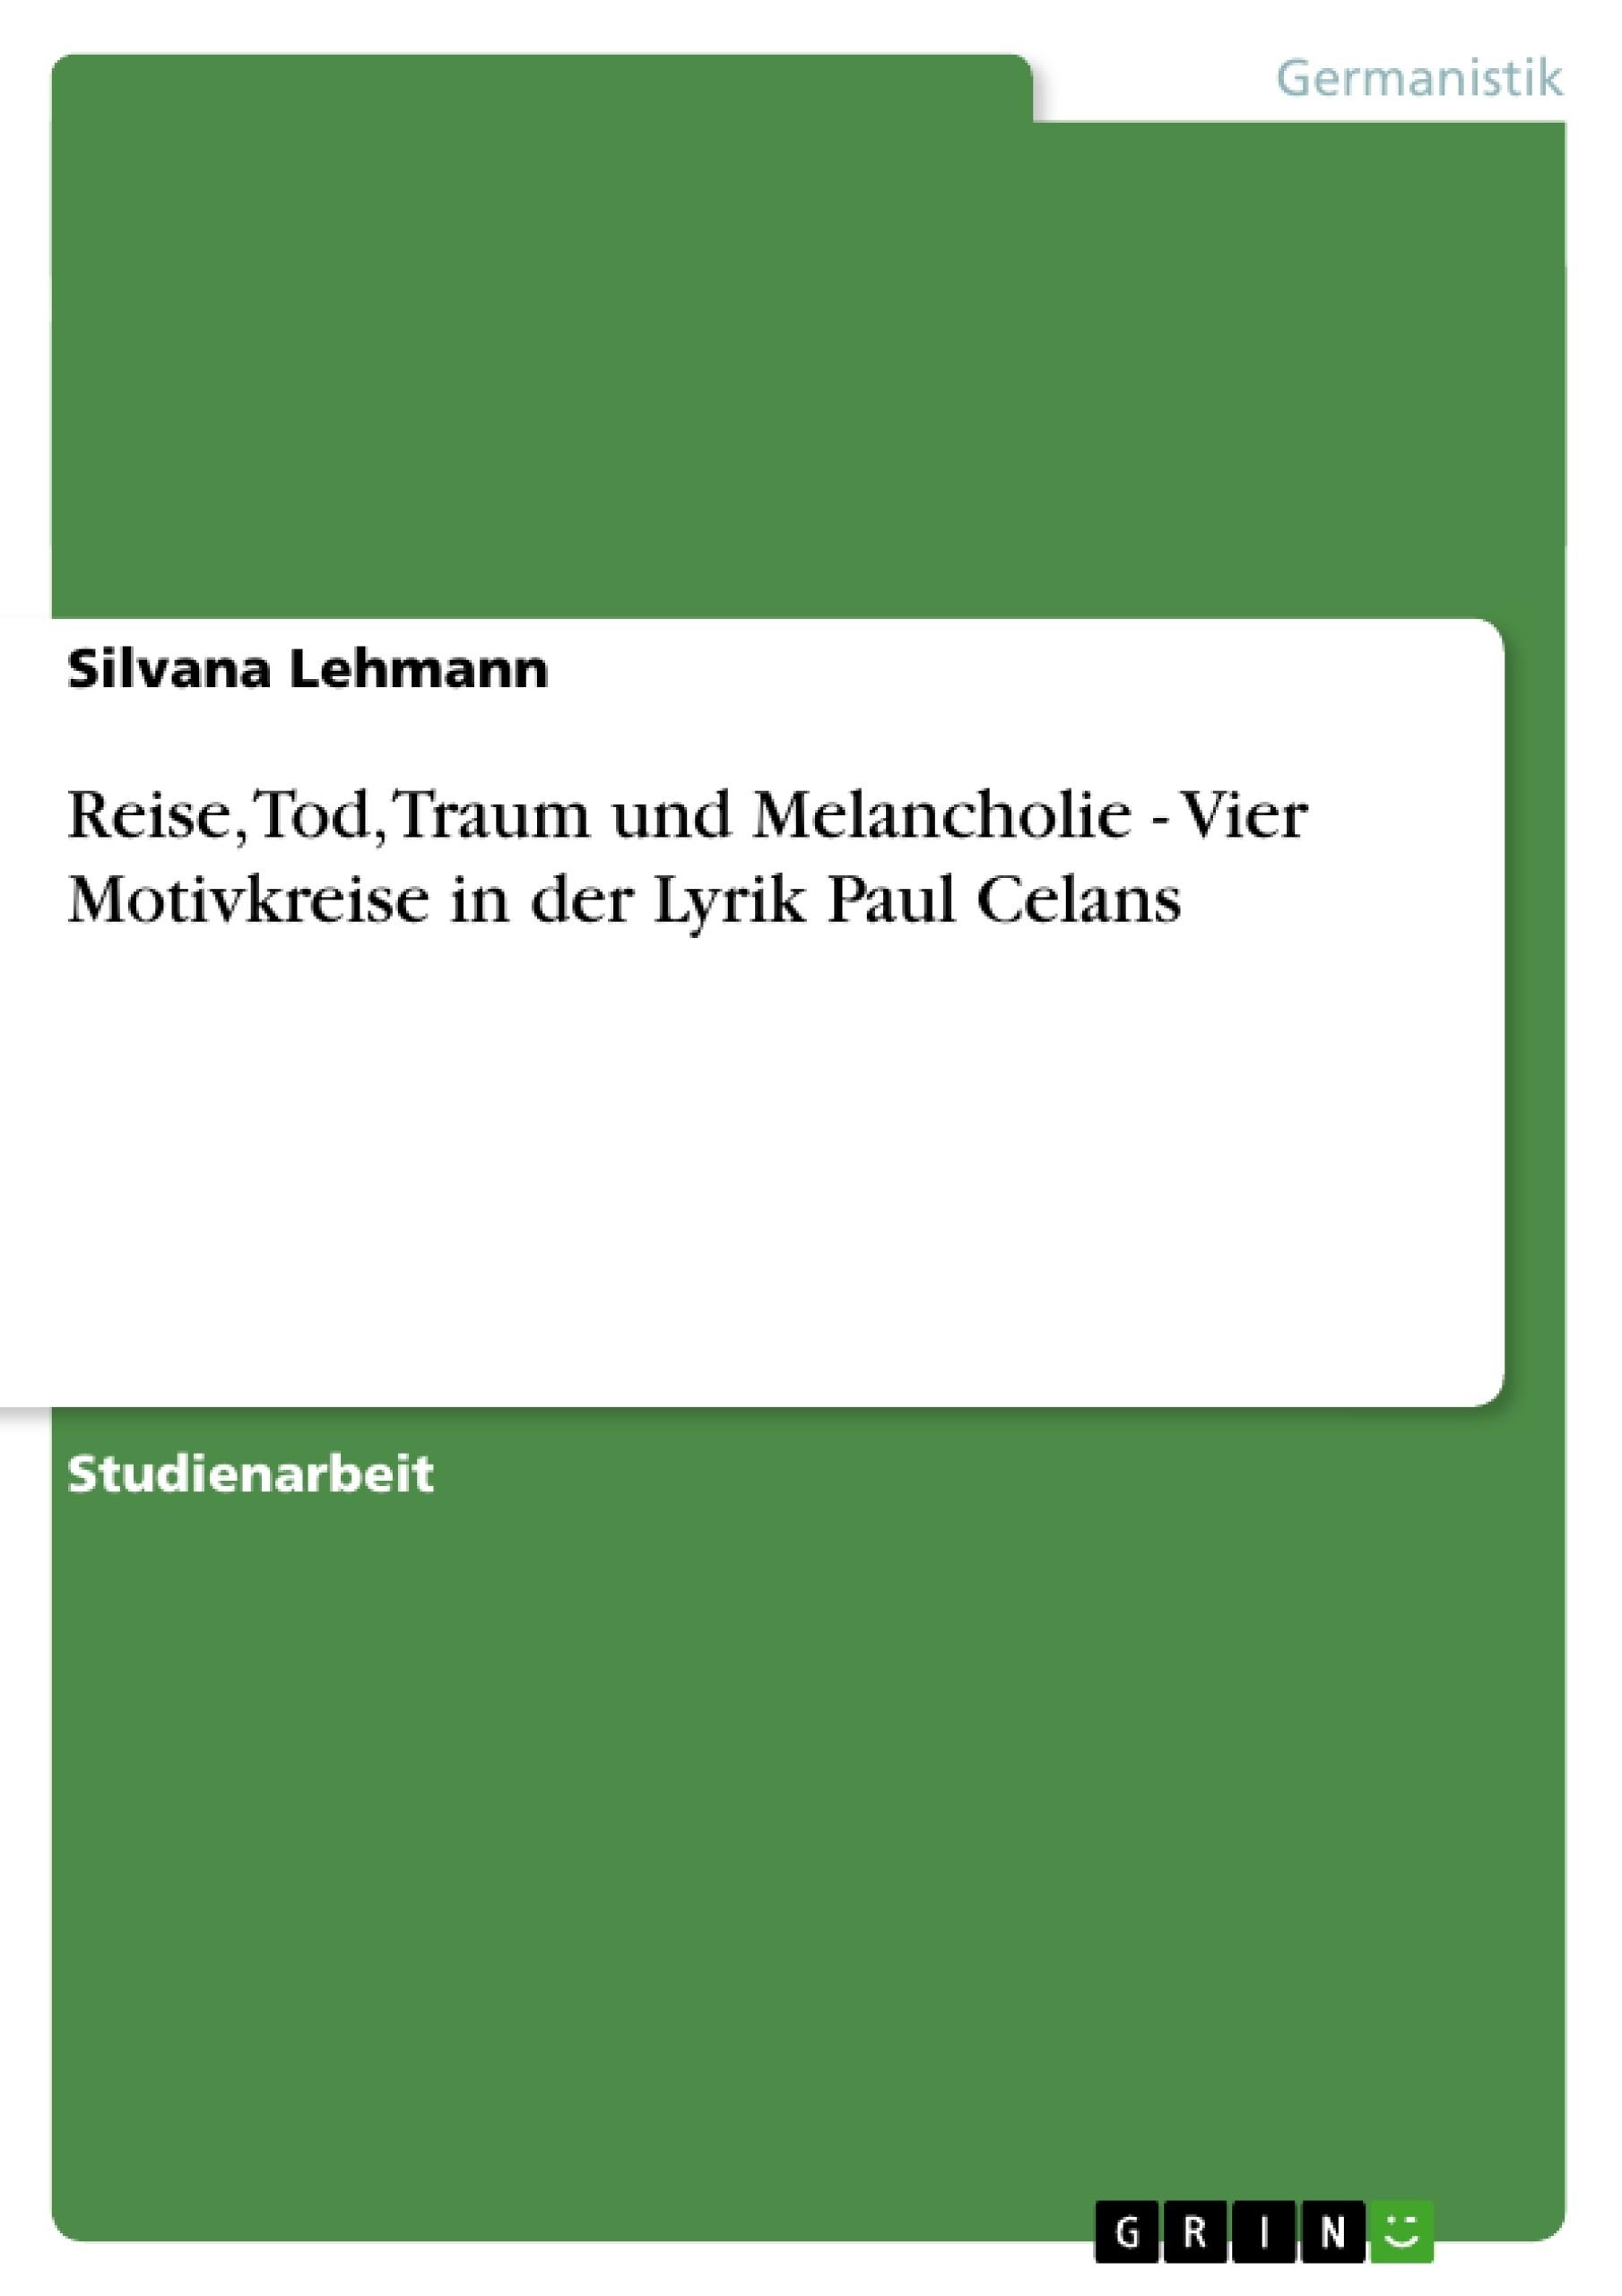 Titel: Reise, Tod, Traum und Melancholie - Vier Motivkreise in der Lyrik Paul Celans